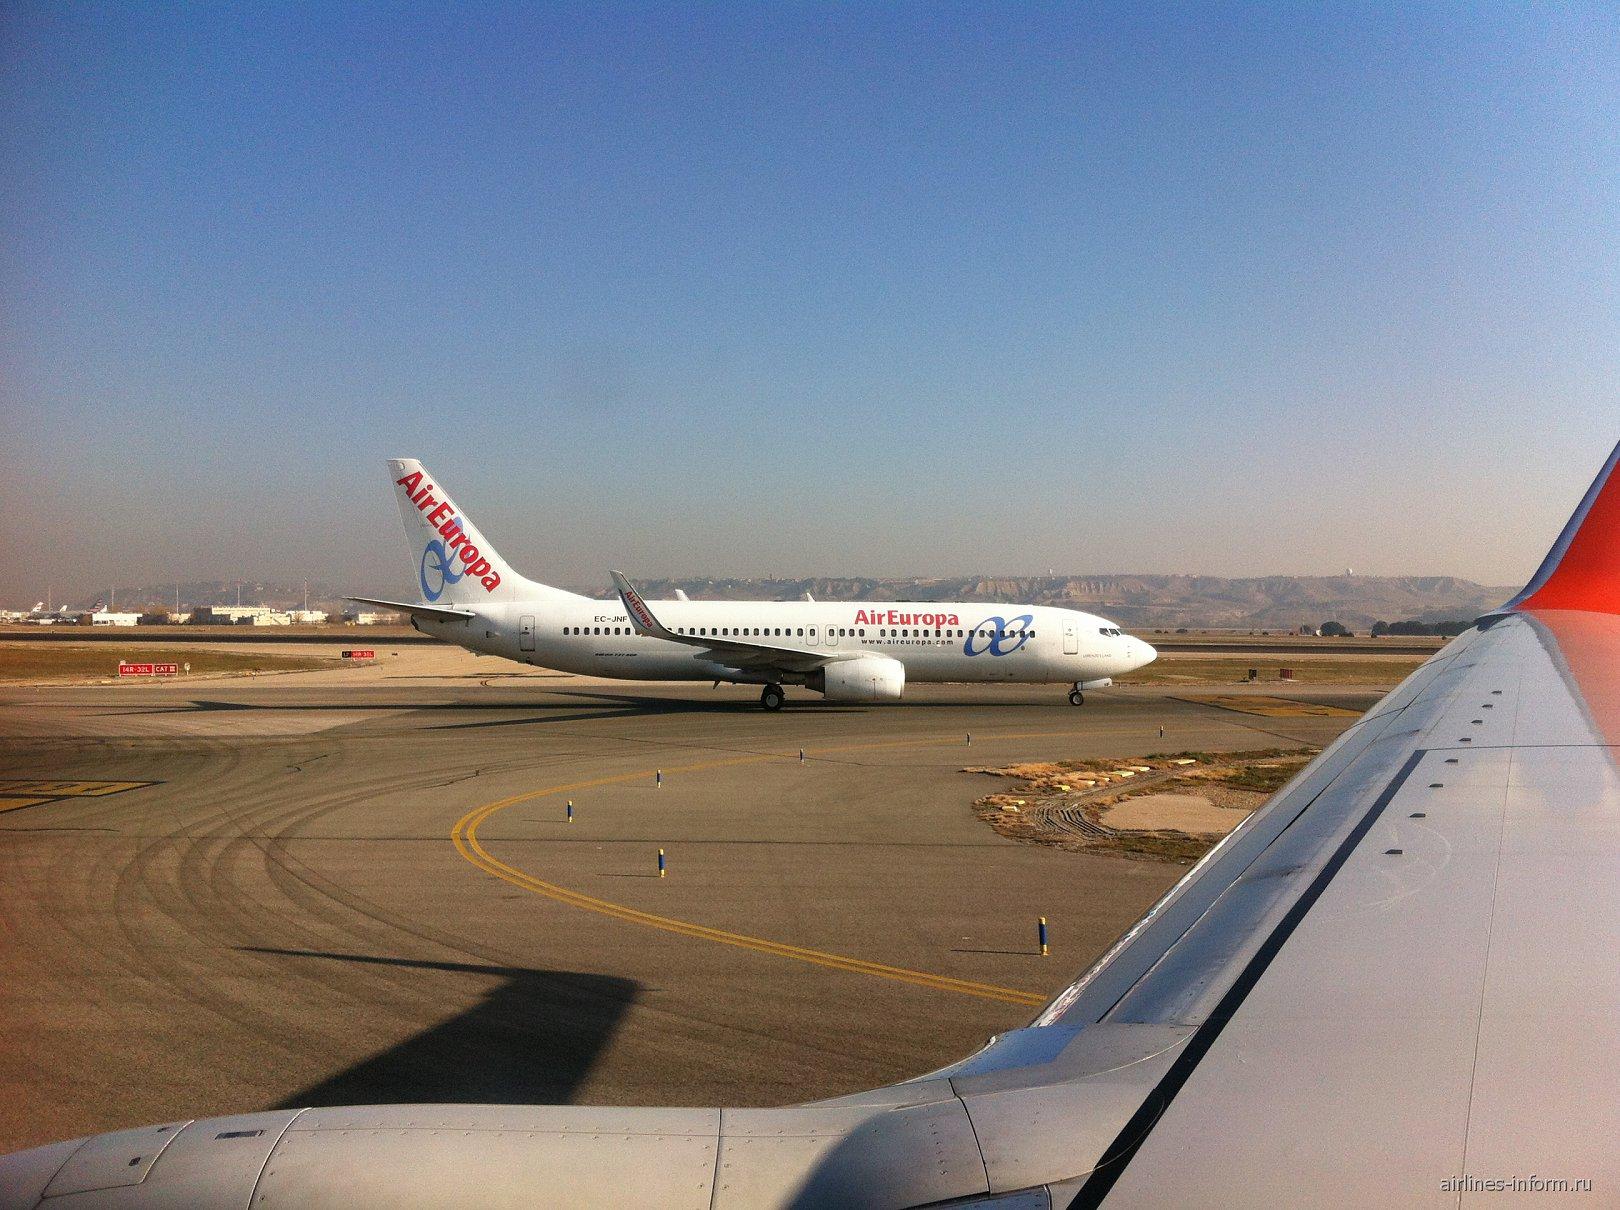 B737-800 Air Europa